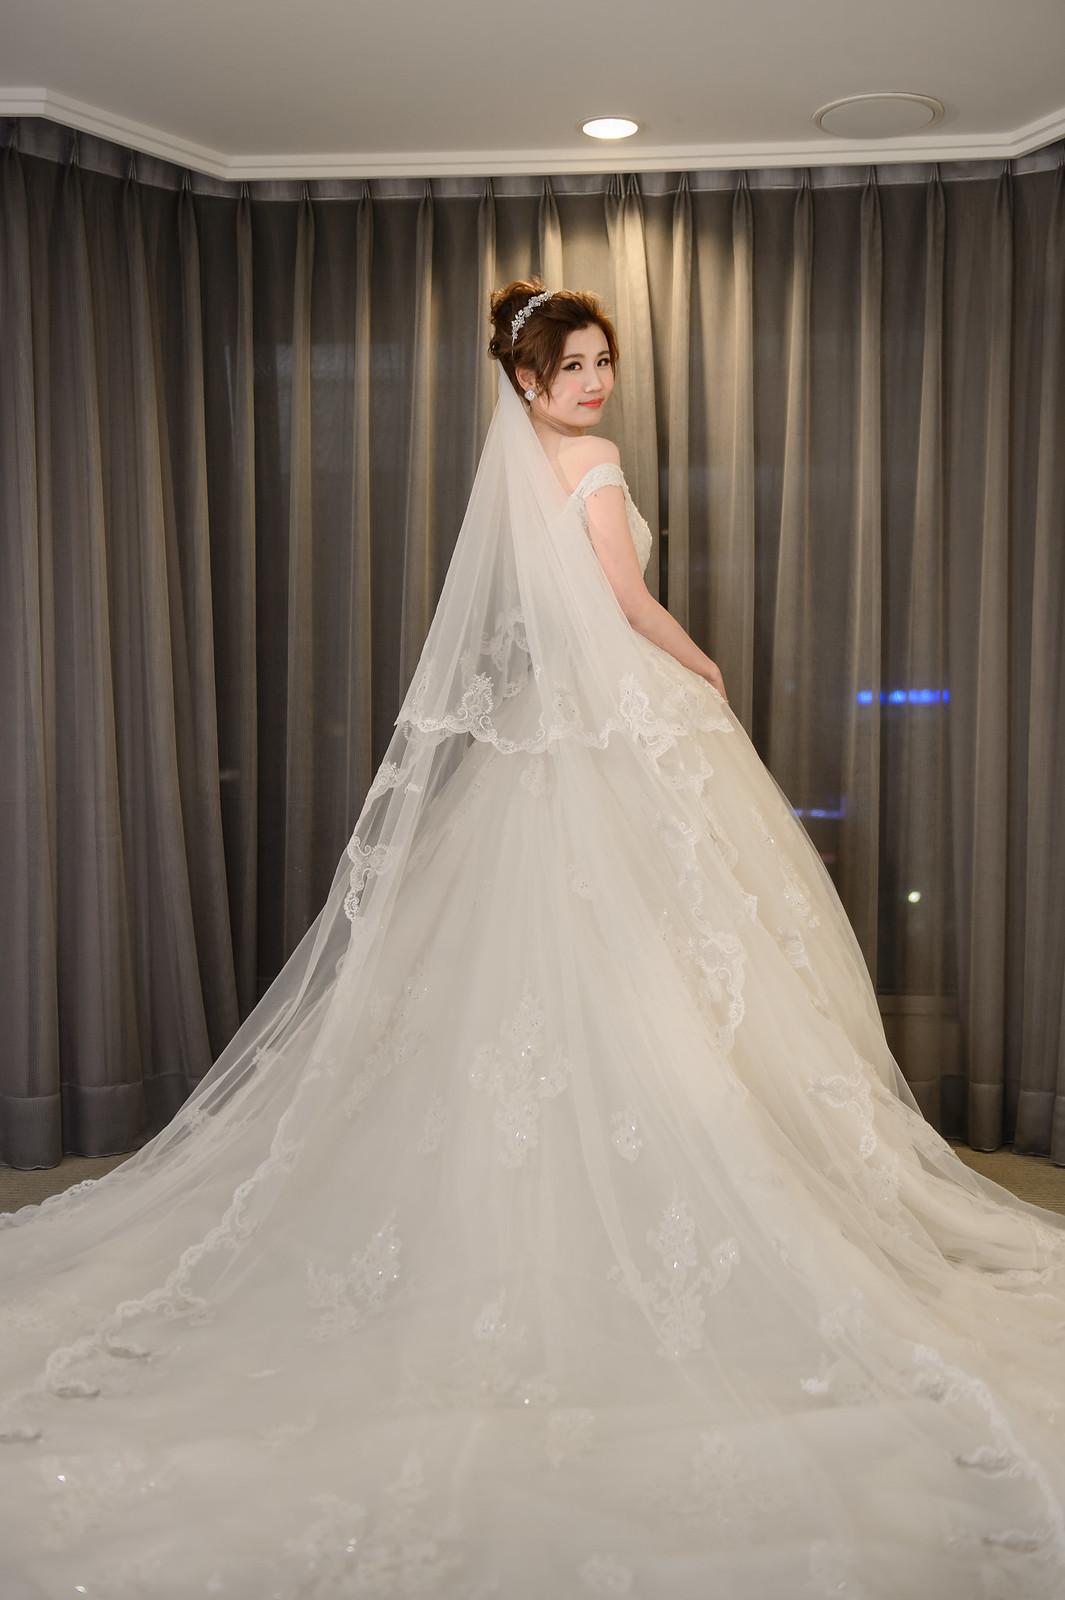 台北婚攝, 婚禮攝影, 婚攝, 婚攝守恆, 婚攝推薦, 晶華酒店, 晶華酒店婚宴, 晶華酒店婚攝-61